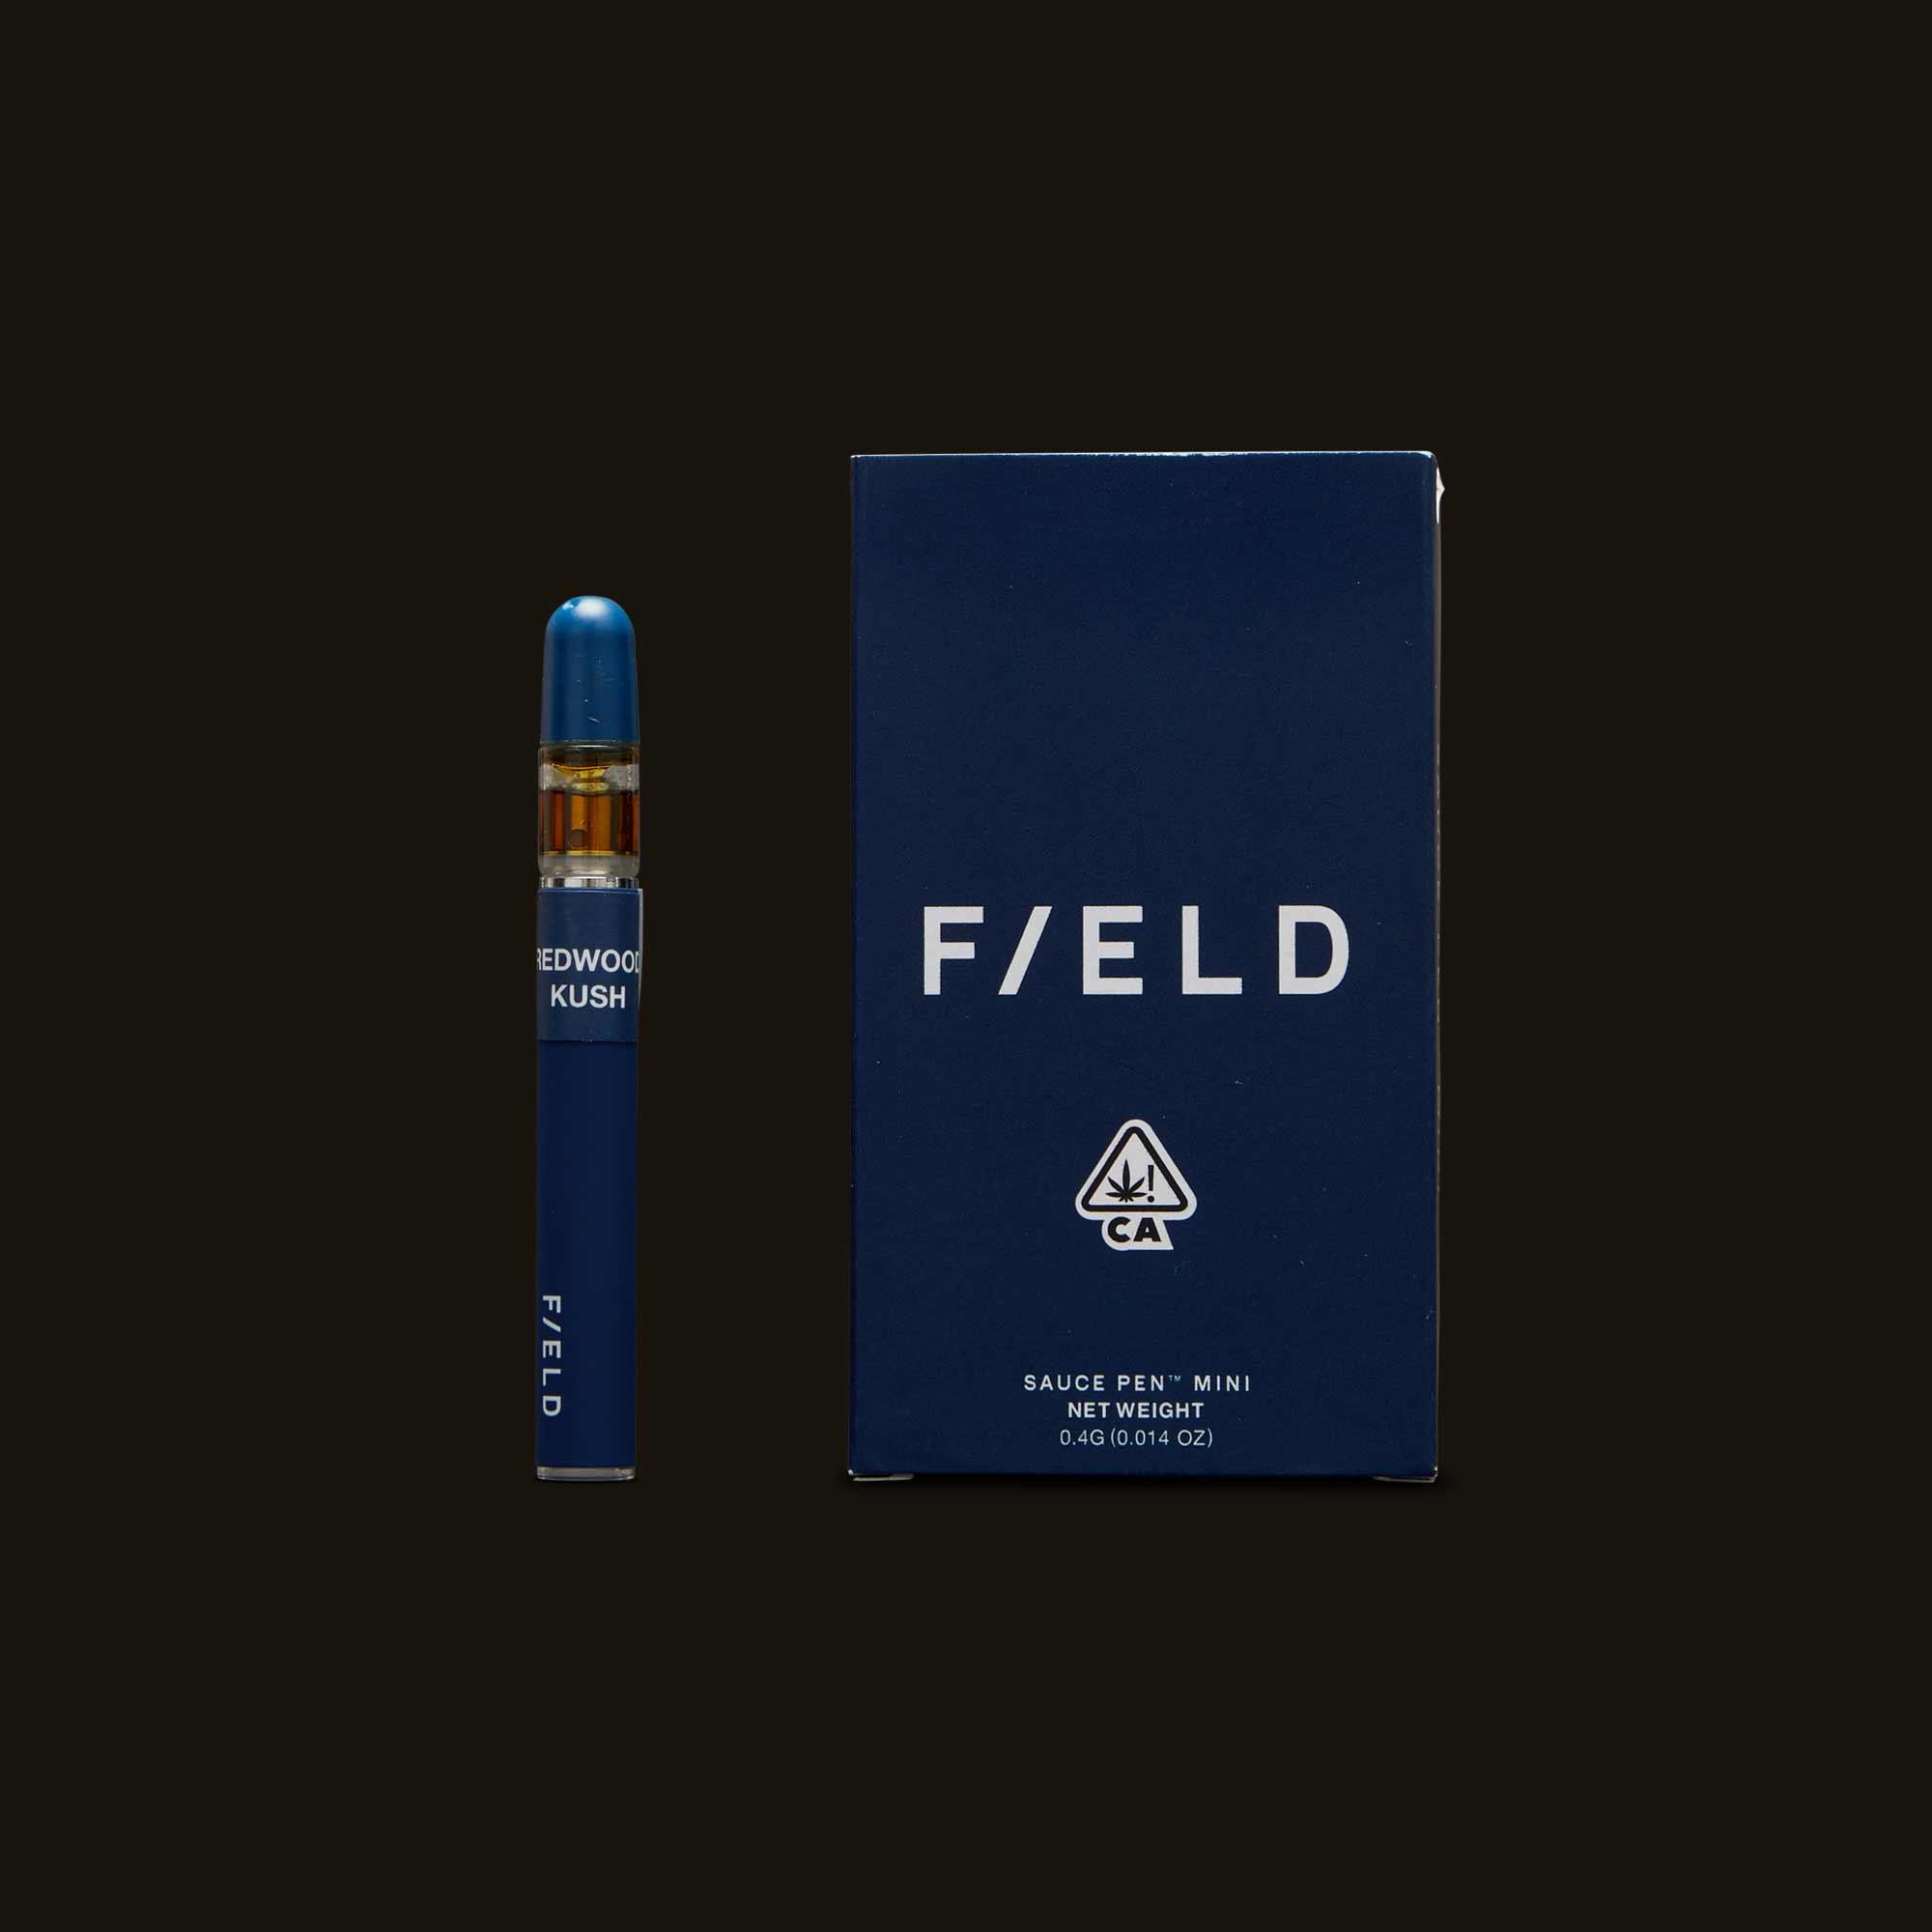 Field Extracts Redwood Kush Sauce Pen Mini